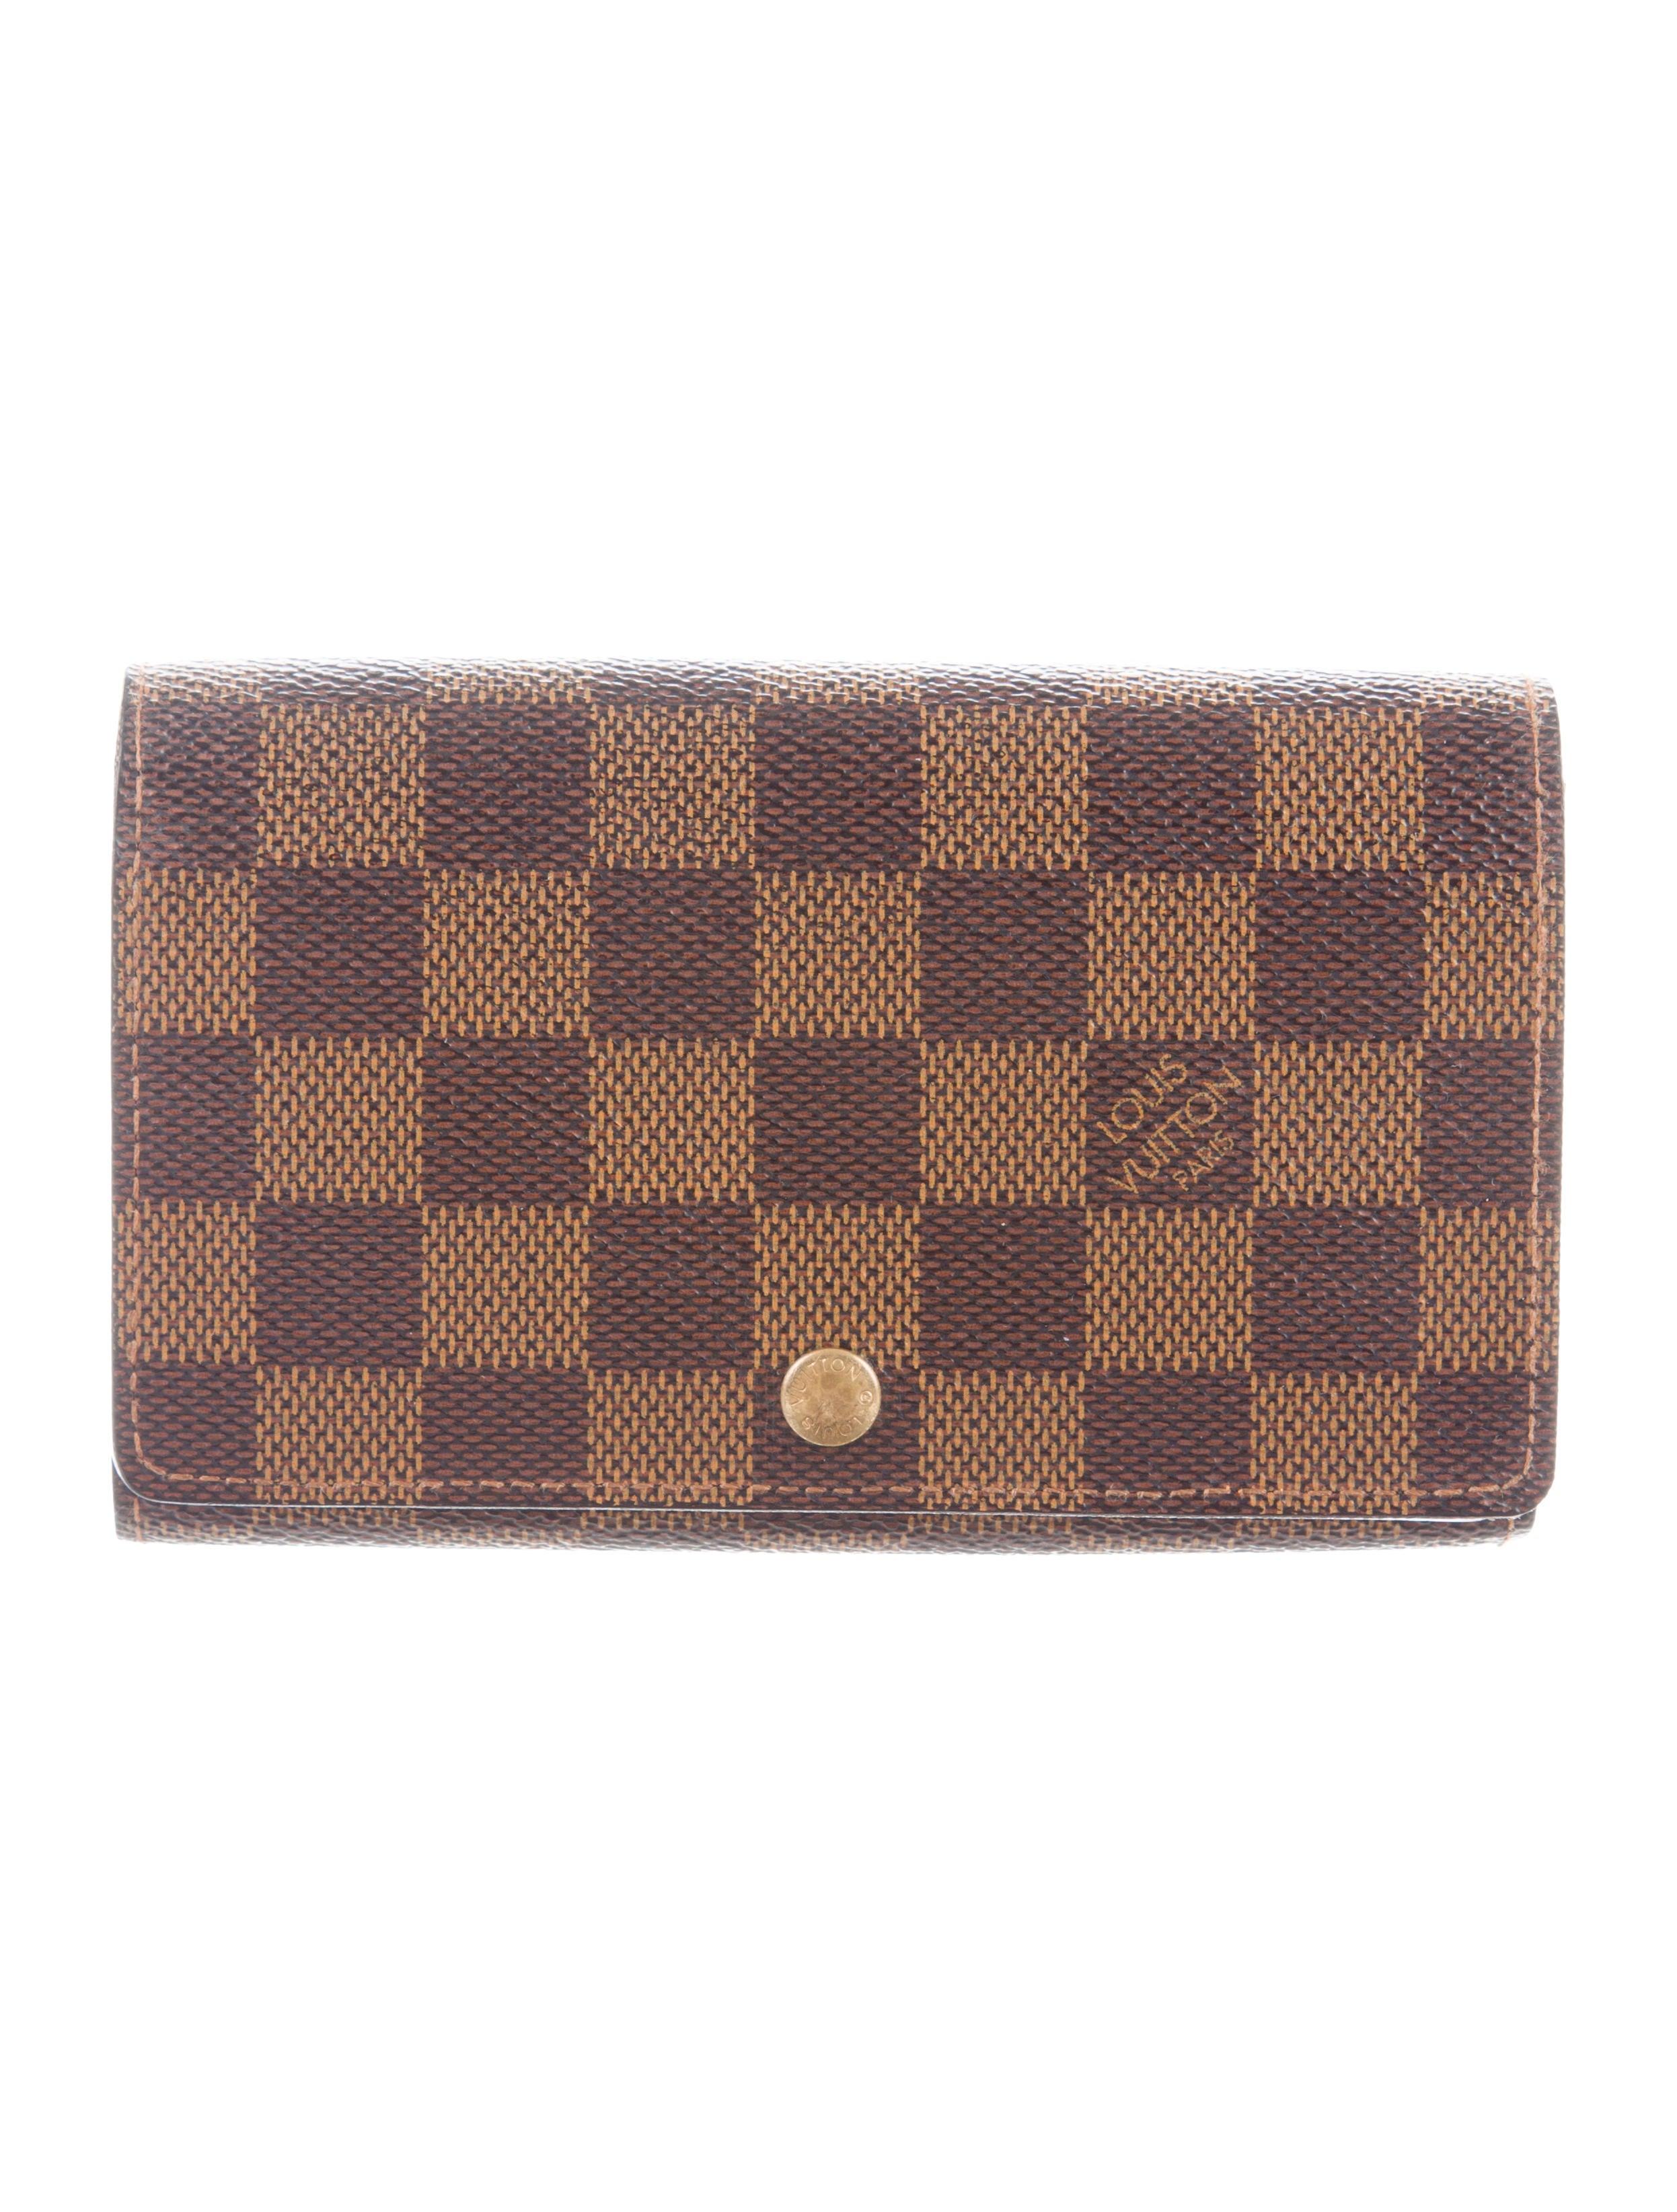 f5a0c511c05 Louis Vuitton Damier Porte-Monnaie Trésor Wallet - Accessories ...